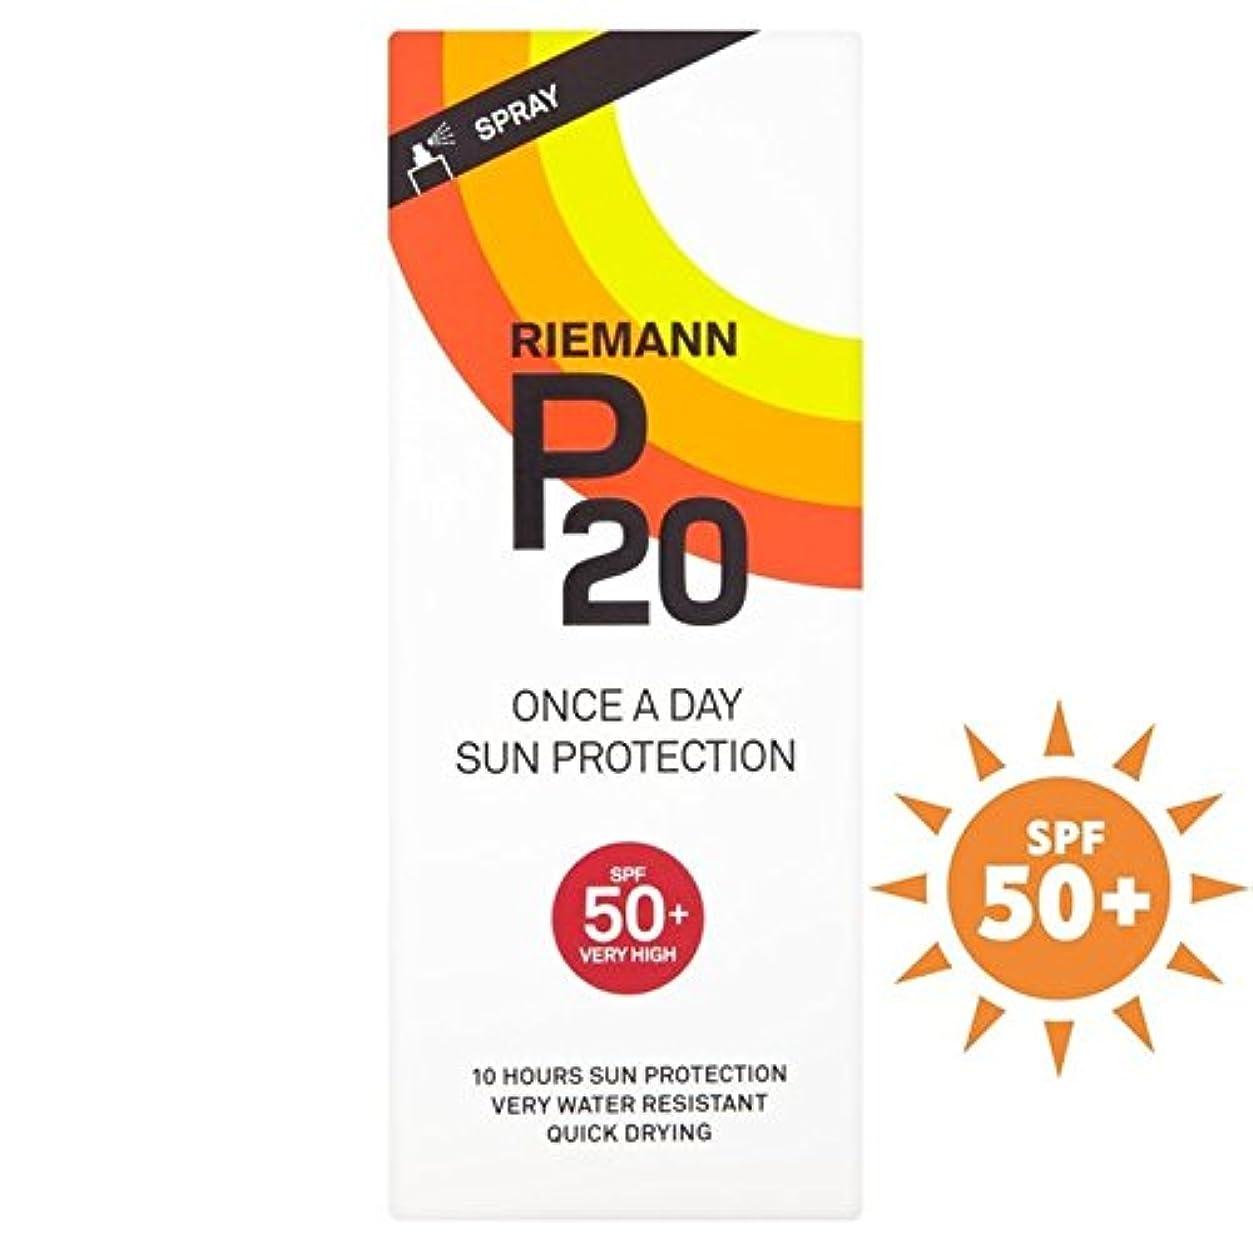 かろうじて不愉快満足できるRiemann P20 SPF50+ 1 Day/10 Hour Protection 200ml (Pack of 6) - リーマン20の50 + 1日/ 10時間の保護200ミリリットル x6 [並行輸入品]